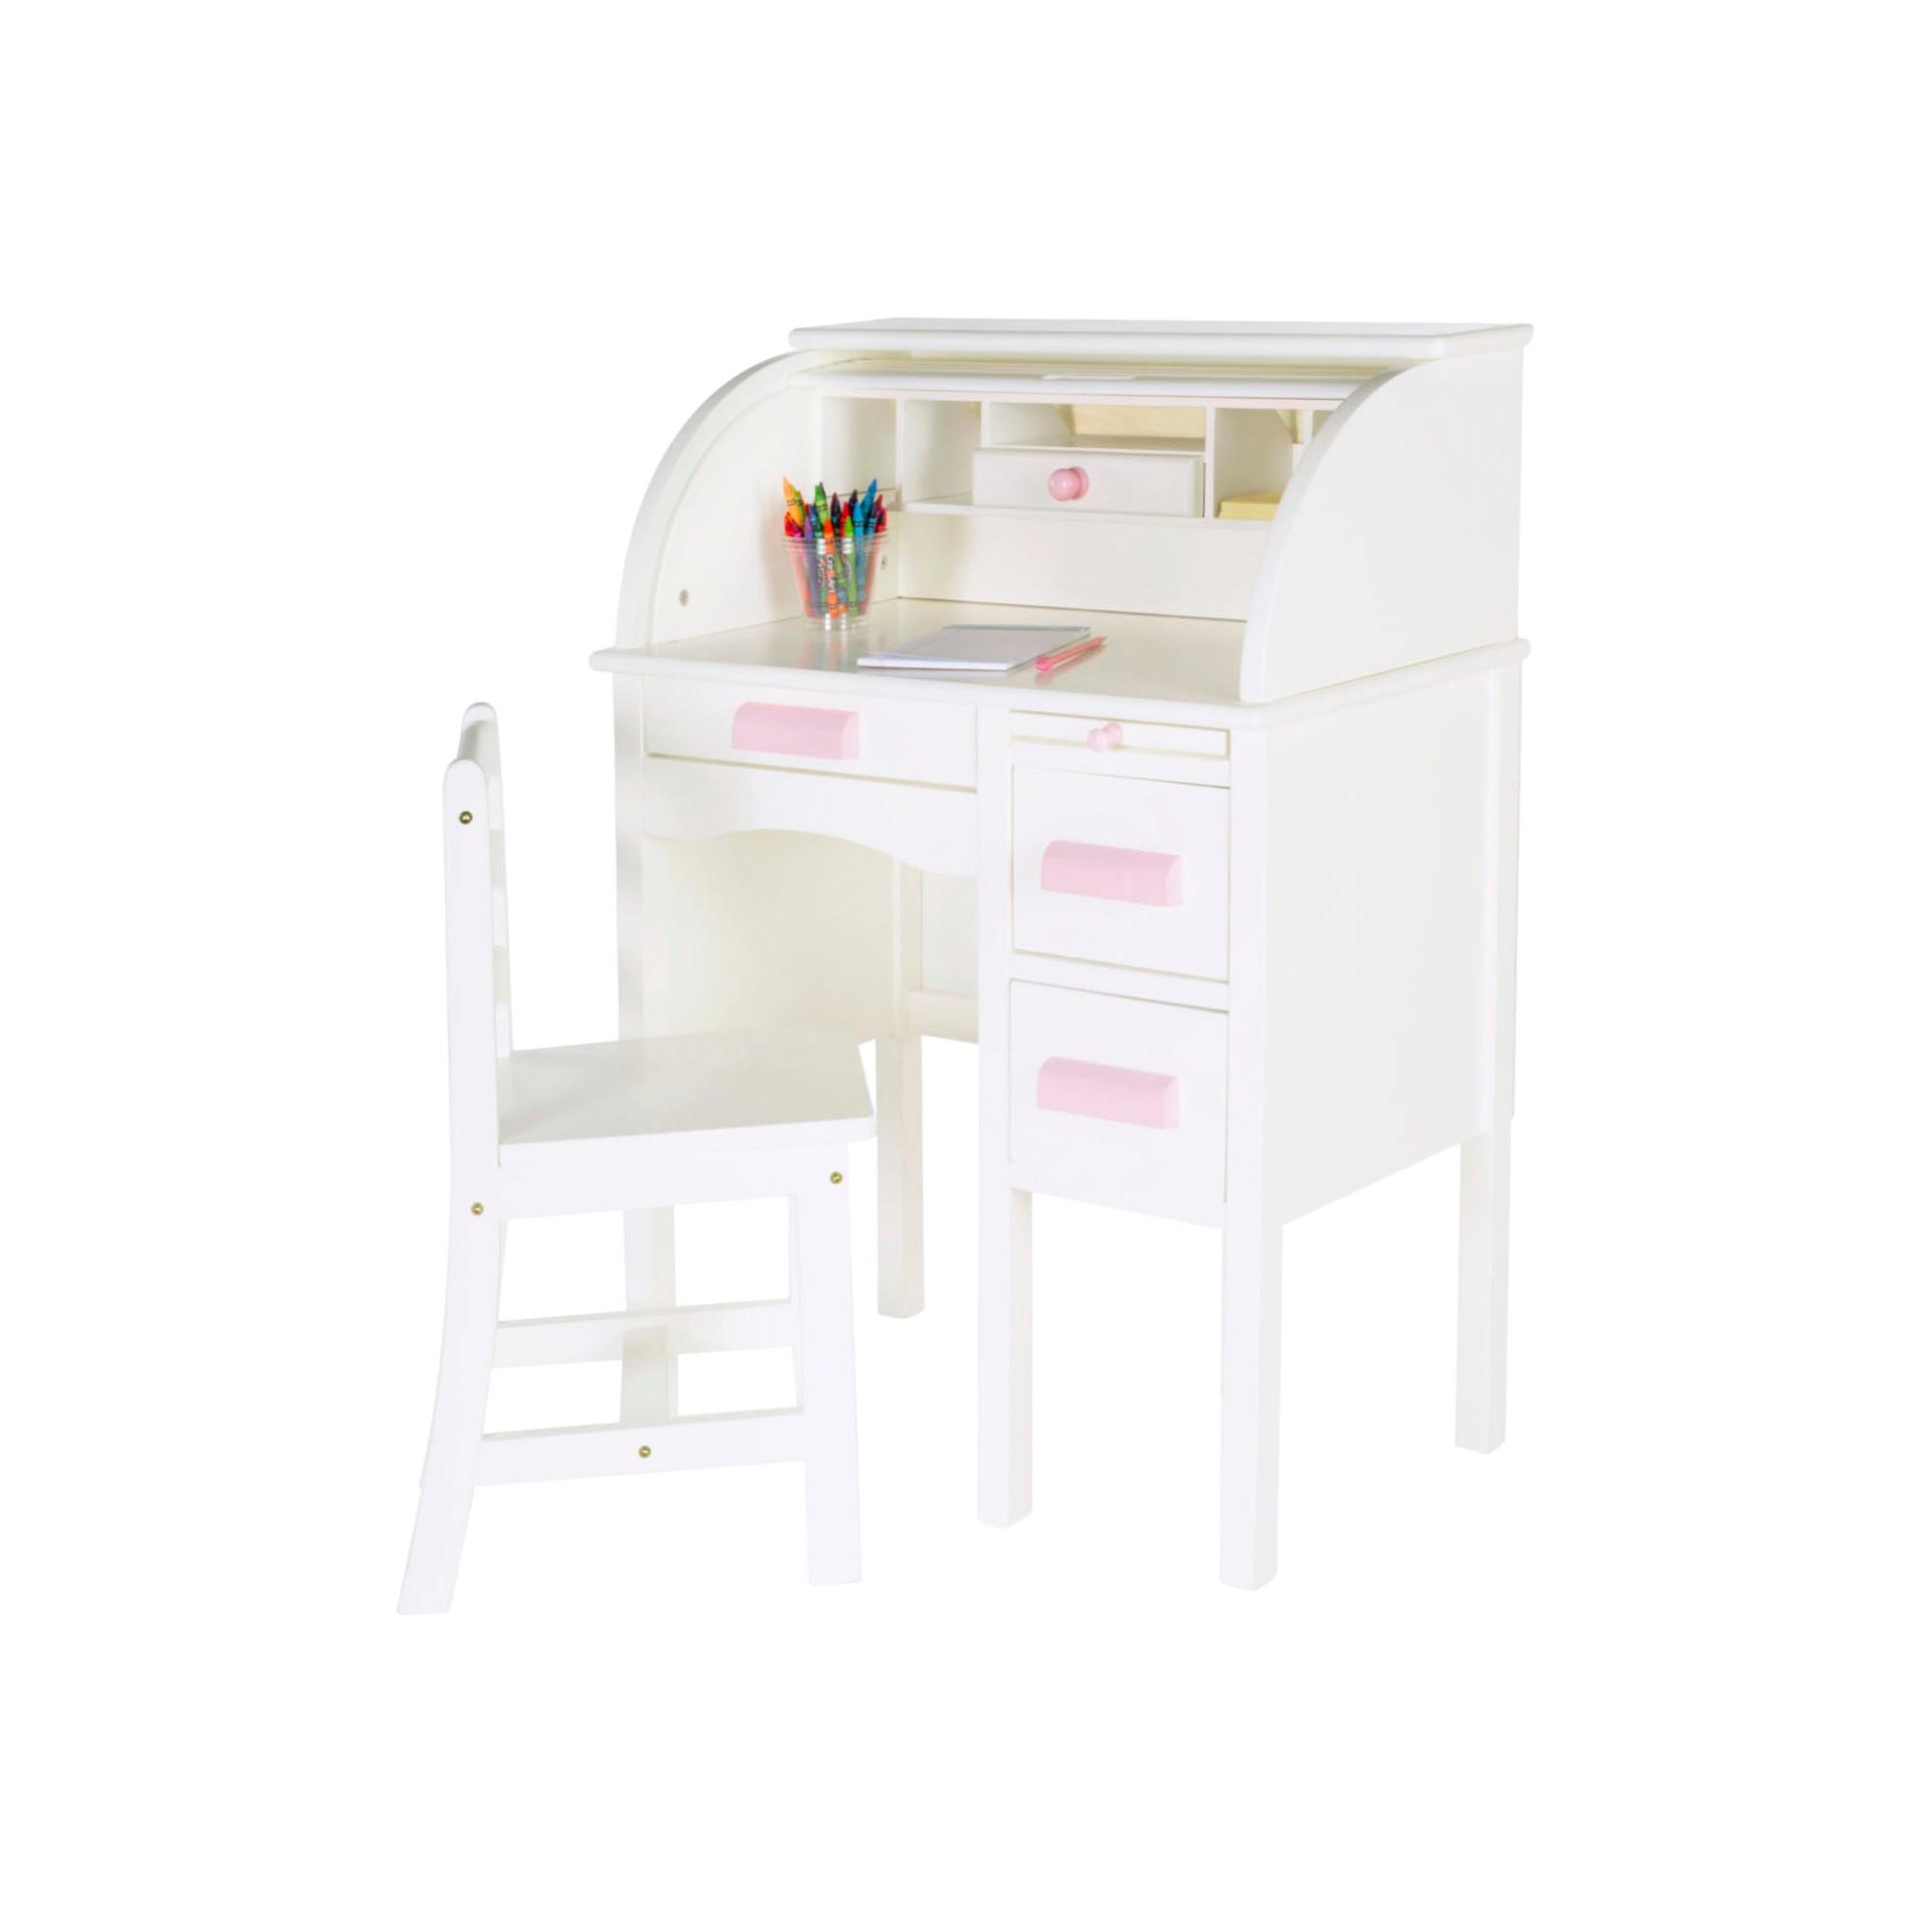 Loft bed with desk jordan's furniture  Kids Jr RollTop Desk  White  Guidecraft  Pinterest  Desks and